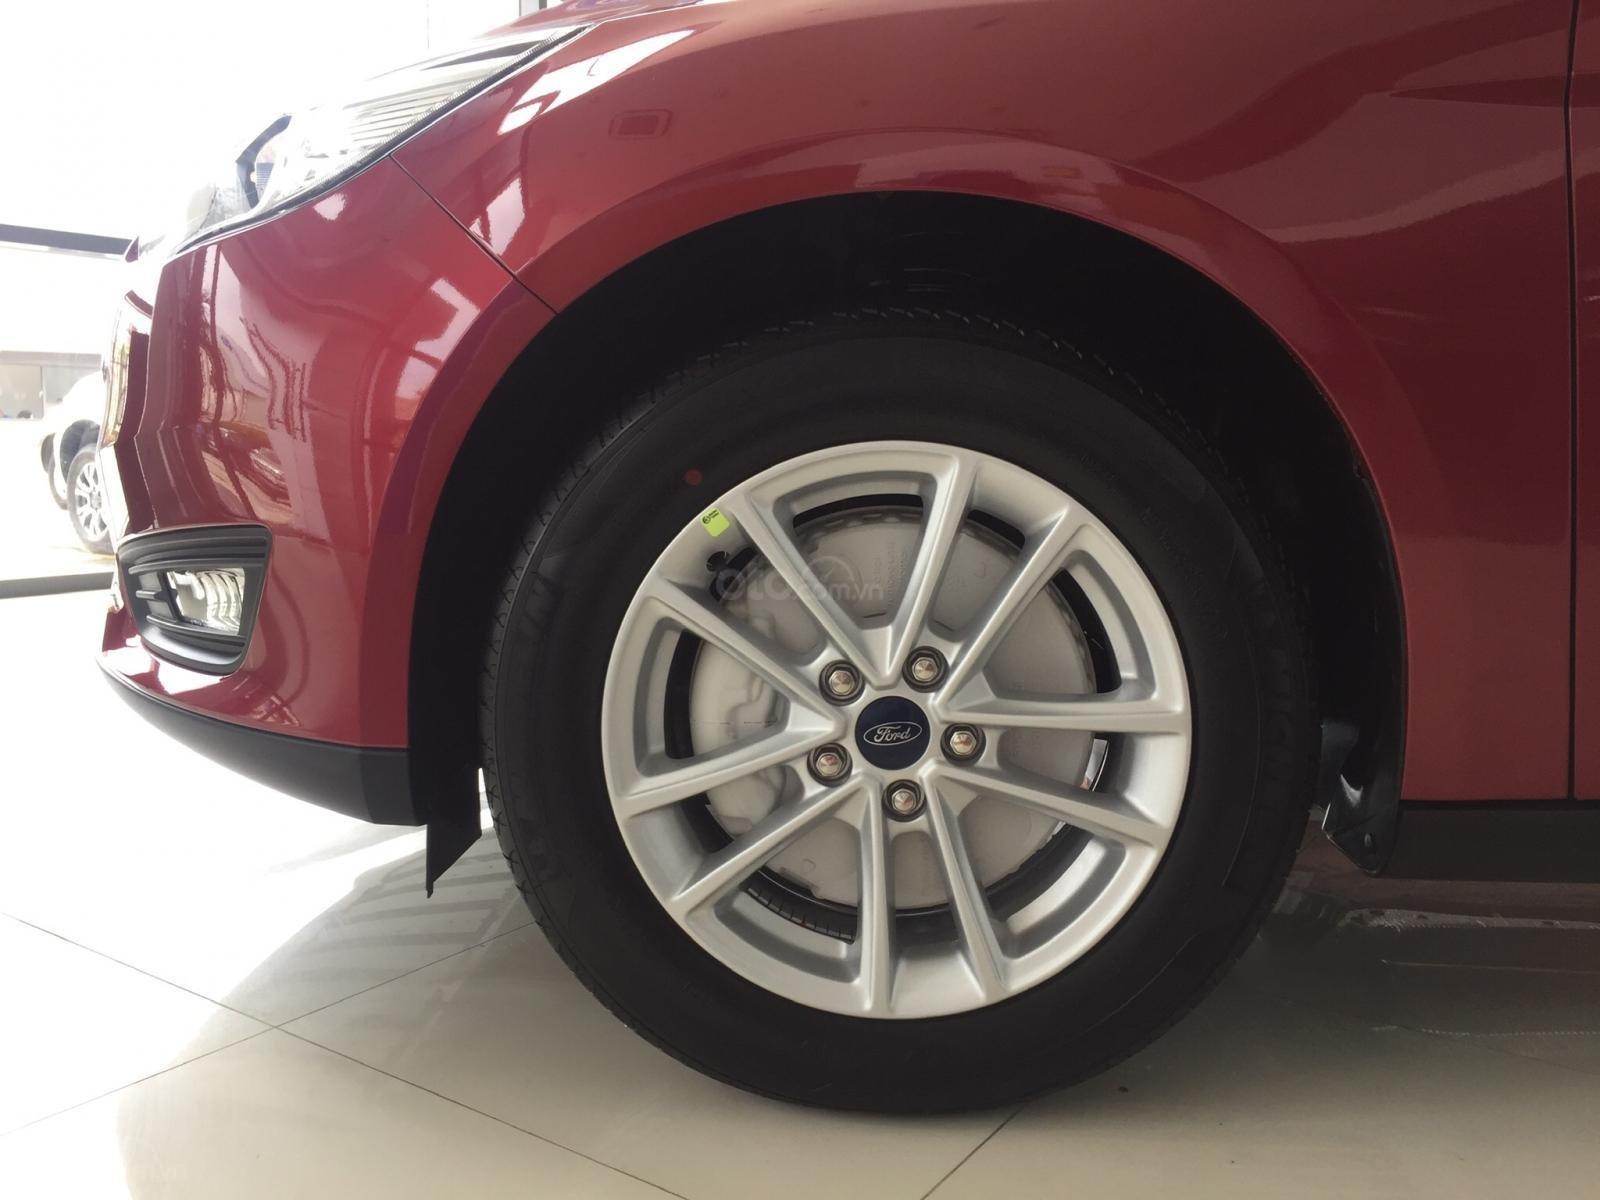 Bán xe Ford Focus năm sản xuất 2019, màu bạc, nhập khẩu, giá 199tr-8